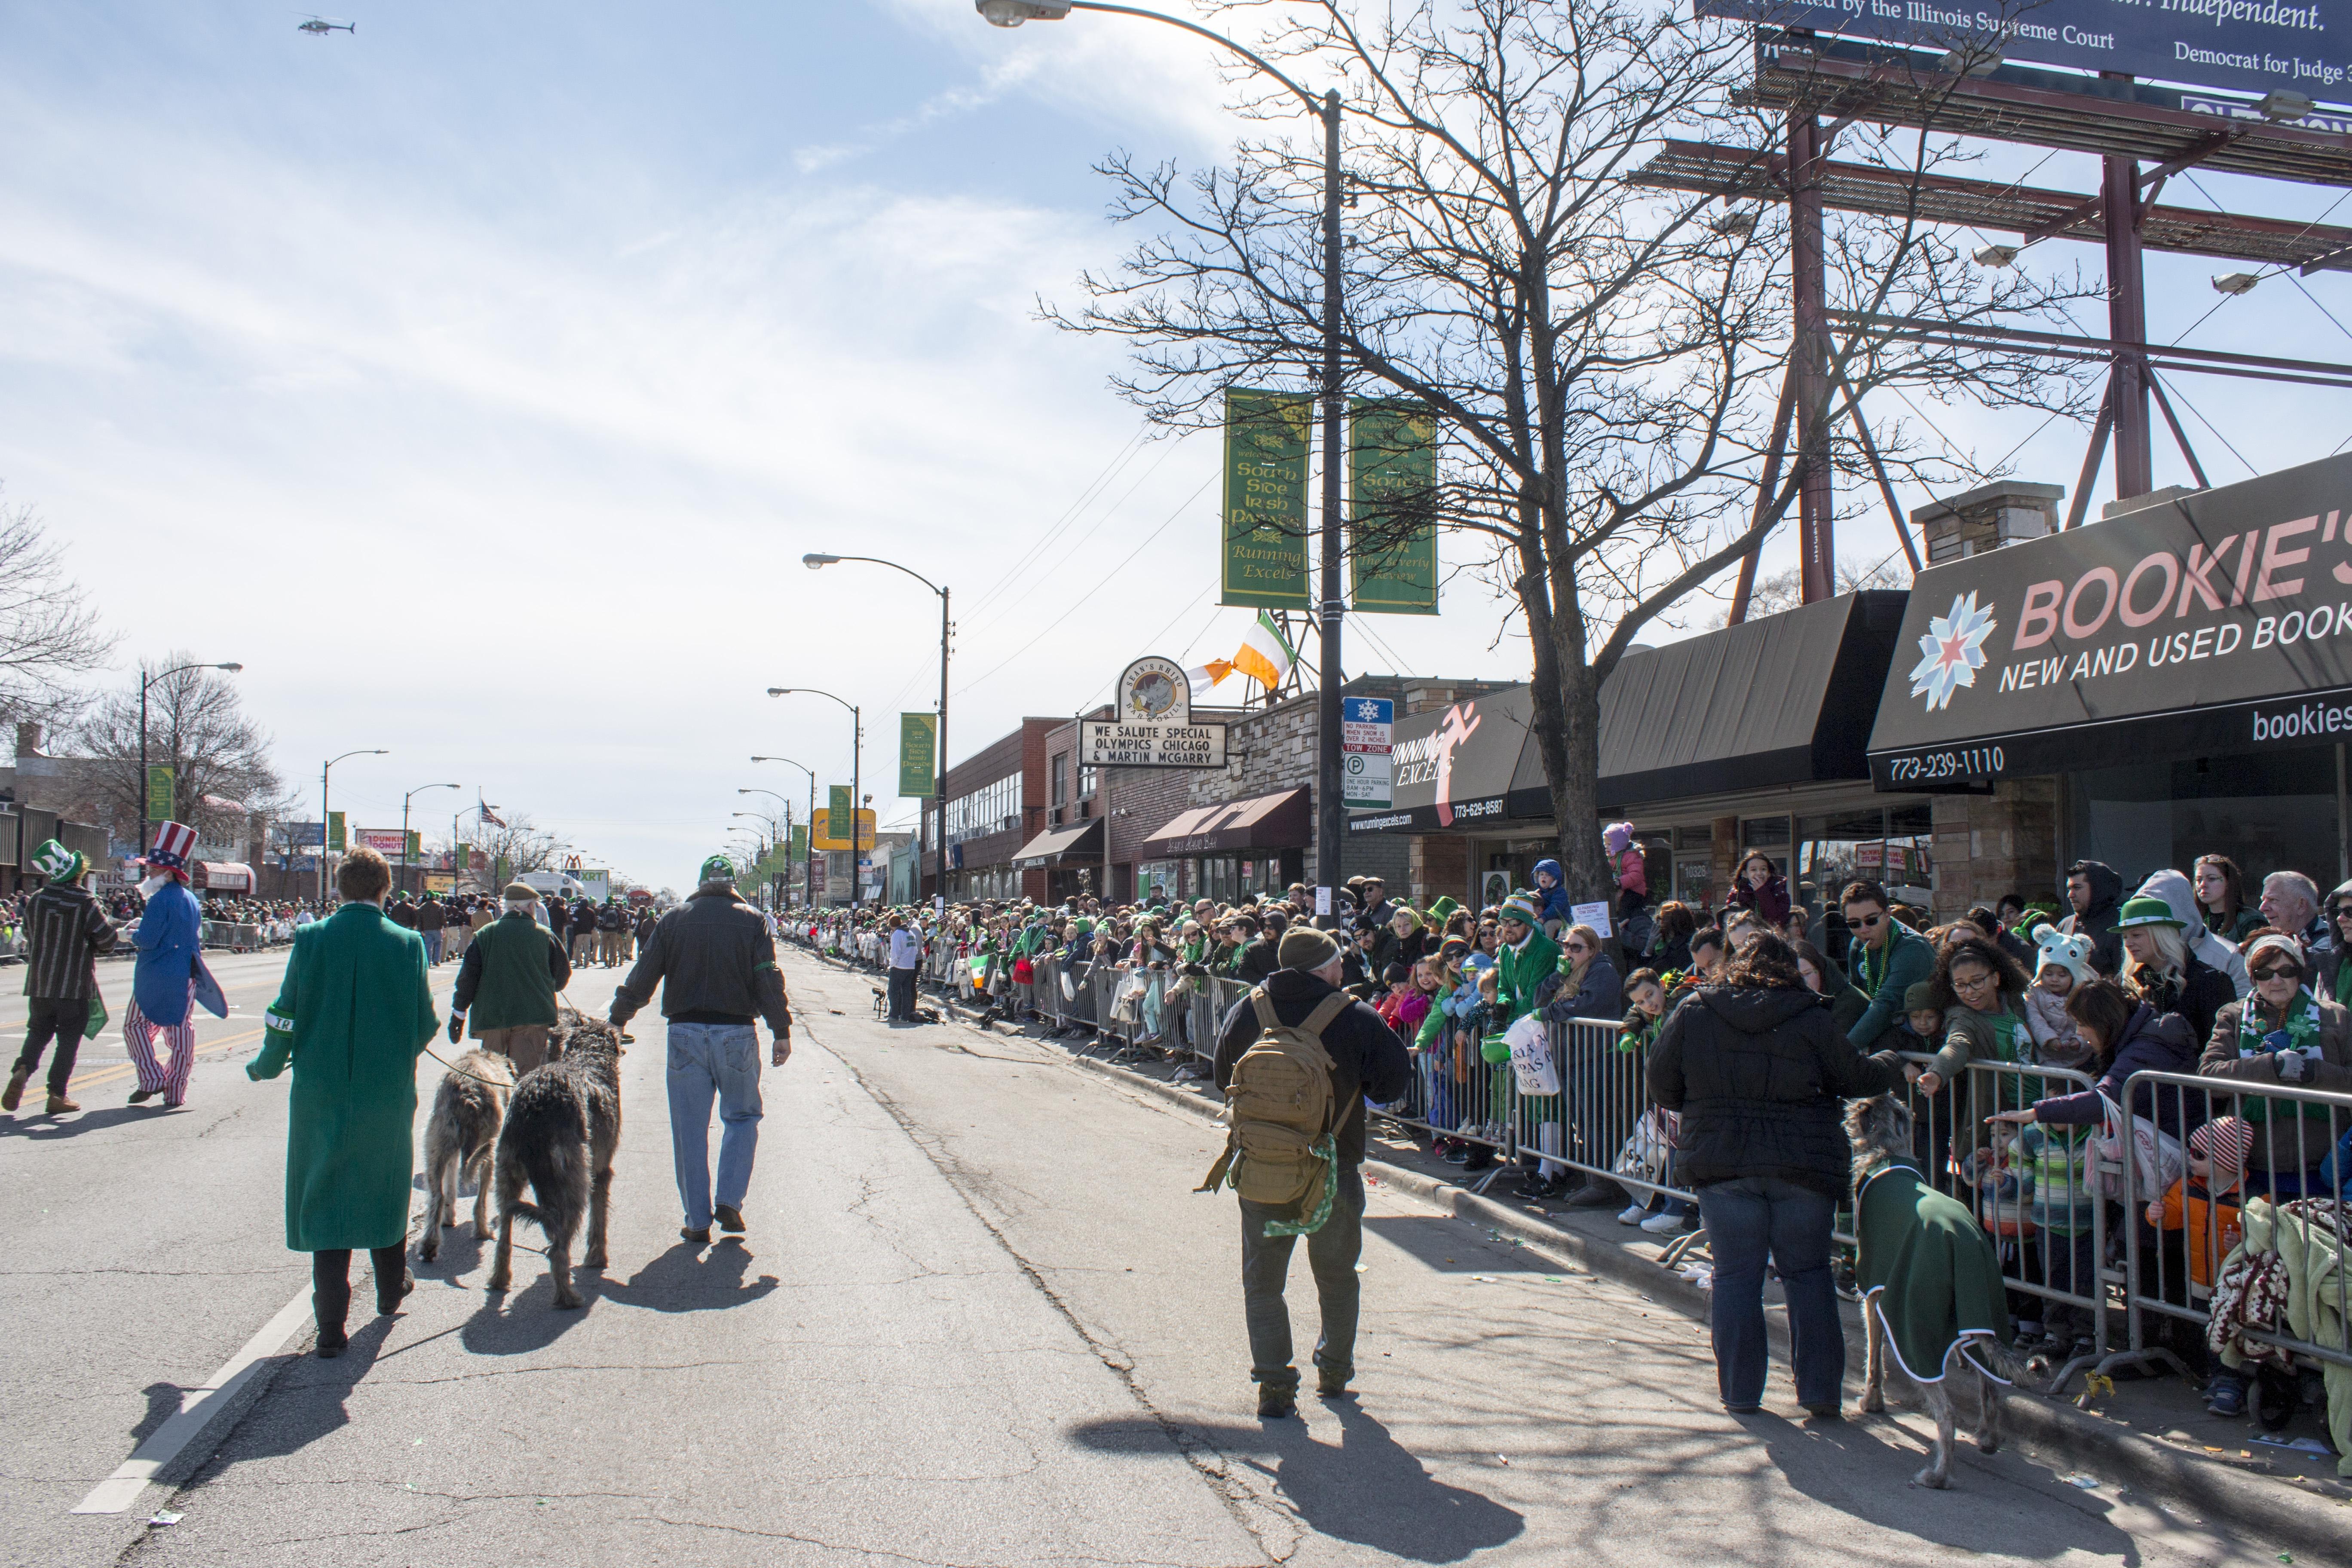 Southside-Chicago-Parade-20182018-2018_27